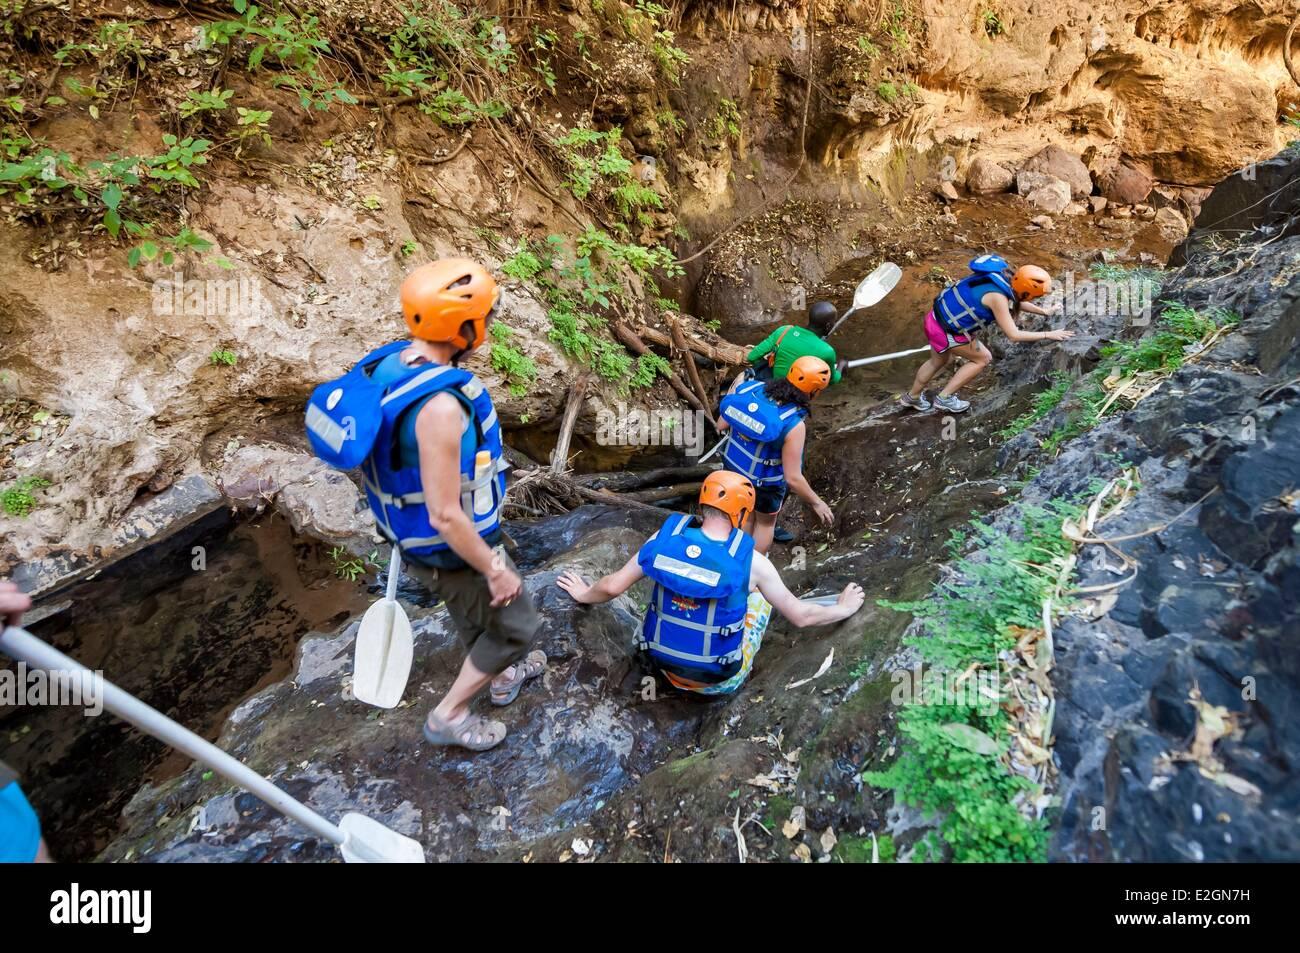 Zimbabwe Département de rafting dans les gorges du fleuve Zambèze Batoka donwstream de Victoria Falls Photo Stock